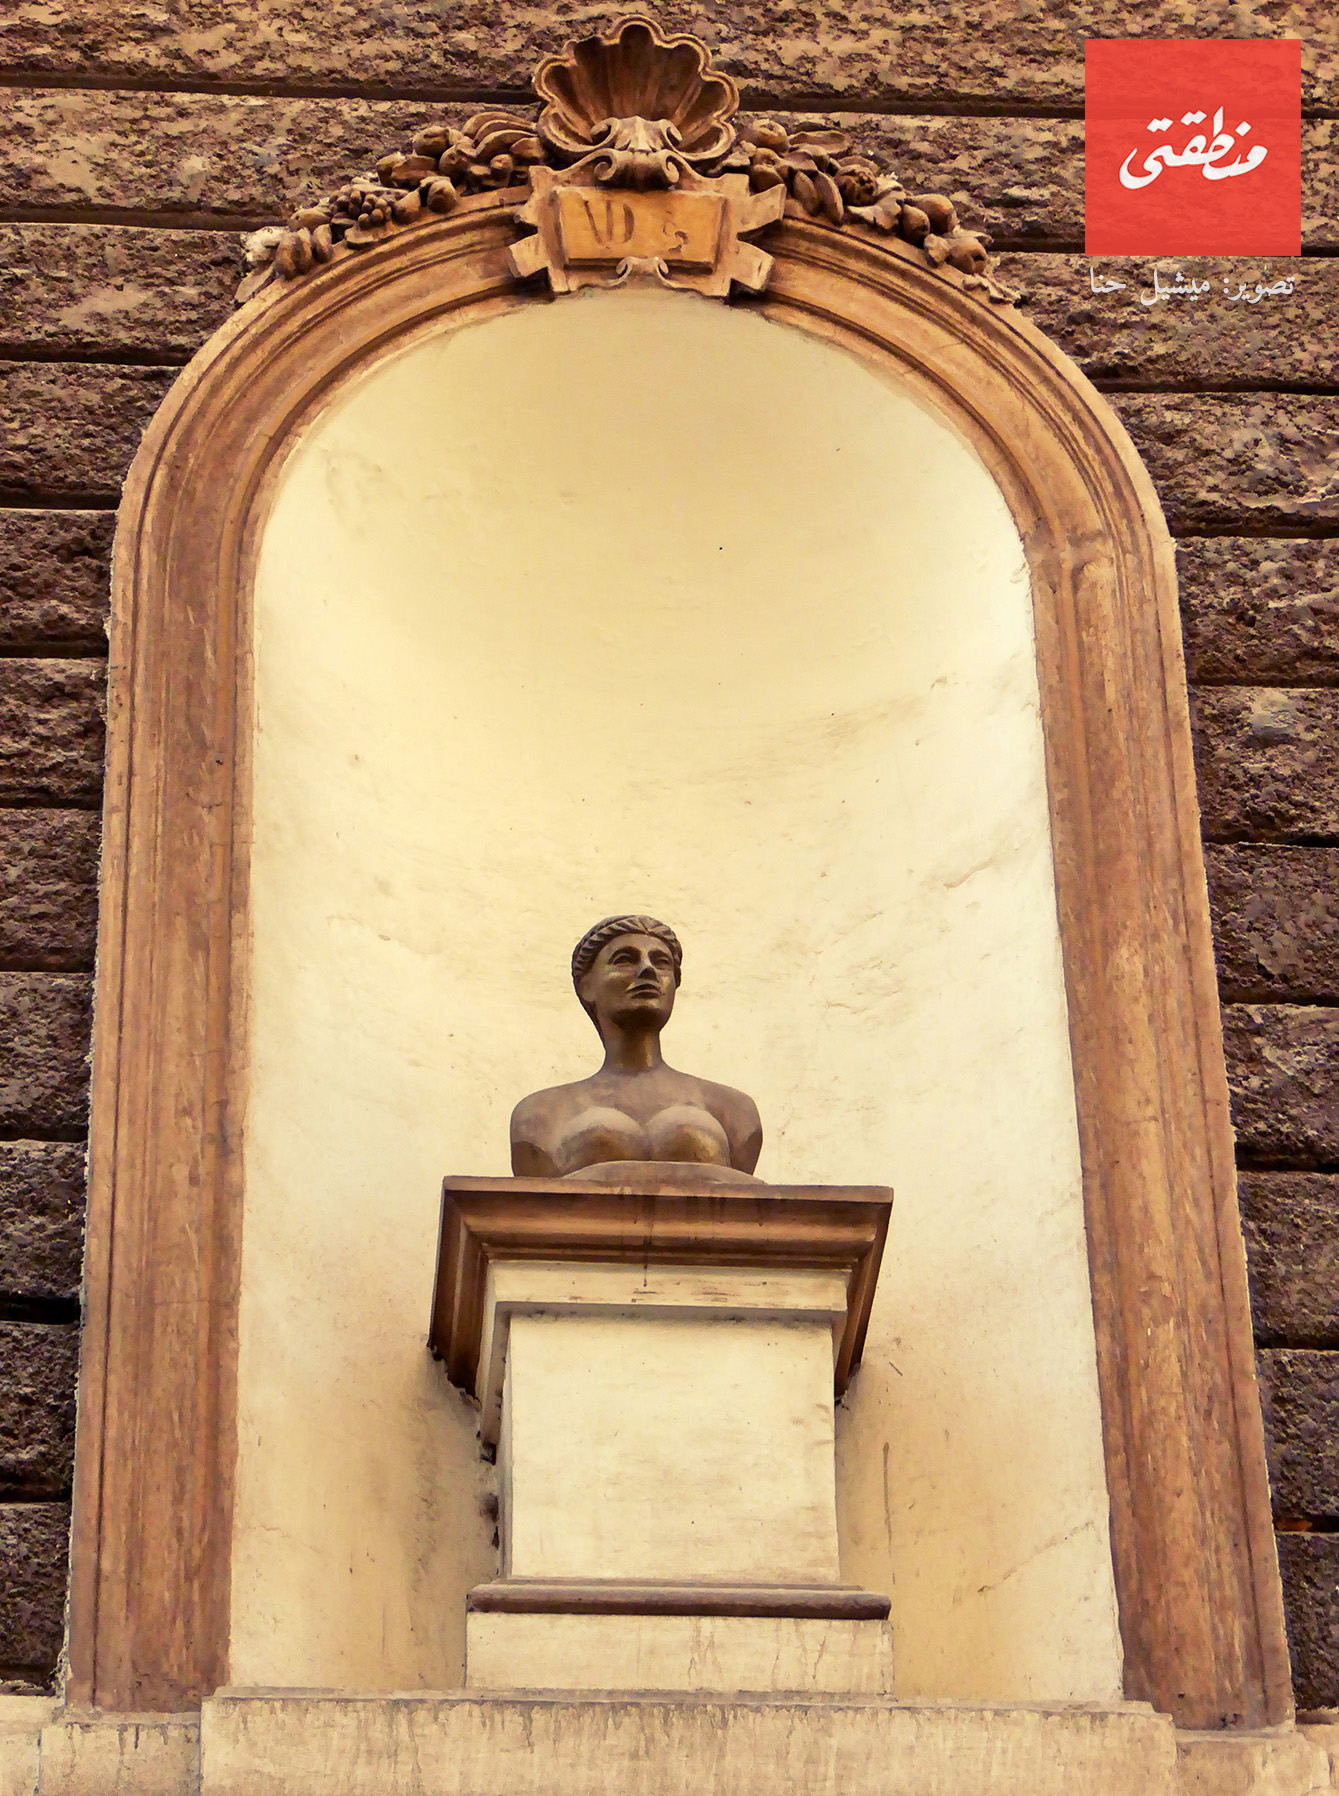 تمثال نصفي لامرأة عارية، يُزيّن واجهة عمارة قديمة تعود إلى عام 1902. تقاطع شارع قصر النيل مع حارة زغيب.